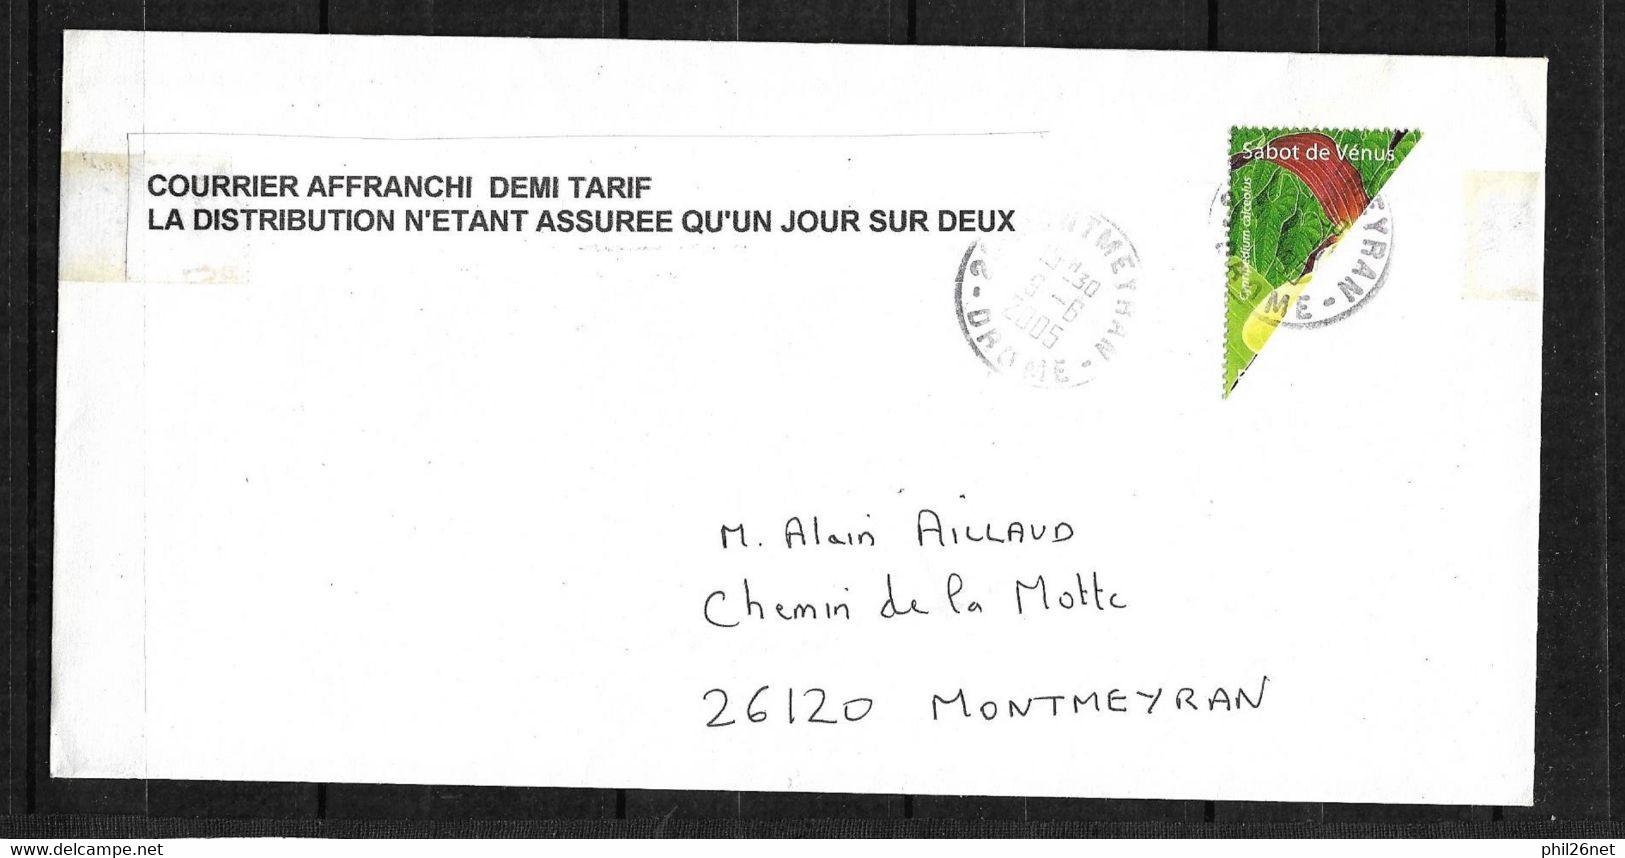 RRR Lettre Affranchie Avec La Moitié Du N° 3764 Circulée 9/6/2005 Avec ACCORD DE LA POSTE Unique Mise  à Prix 1 €uro ! ! - Curiosities: 2000-09 Covers & Documents